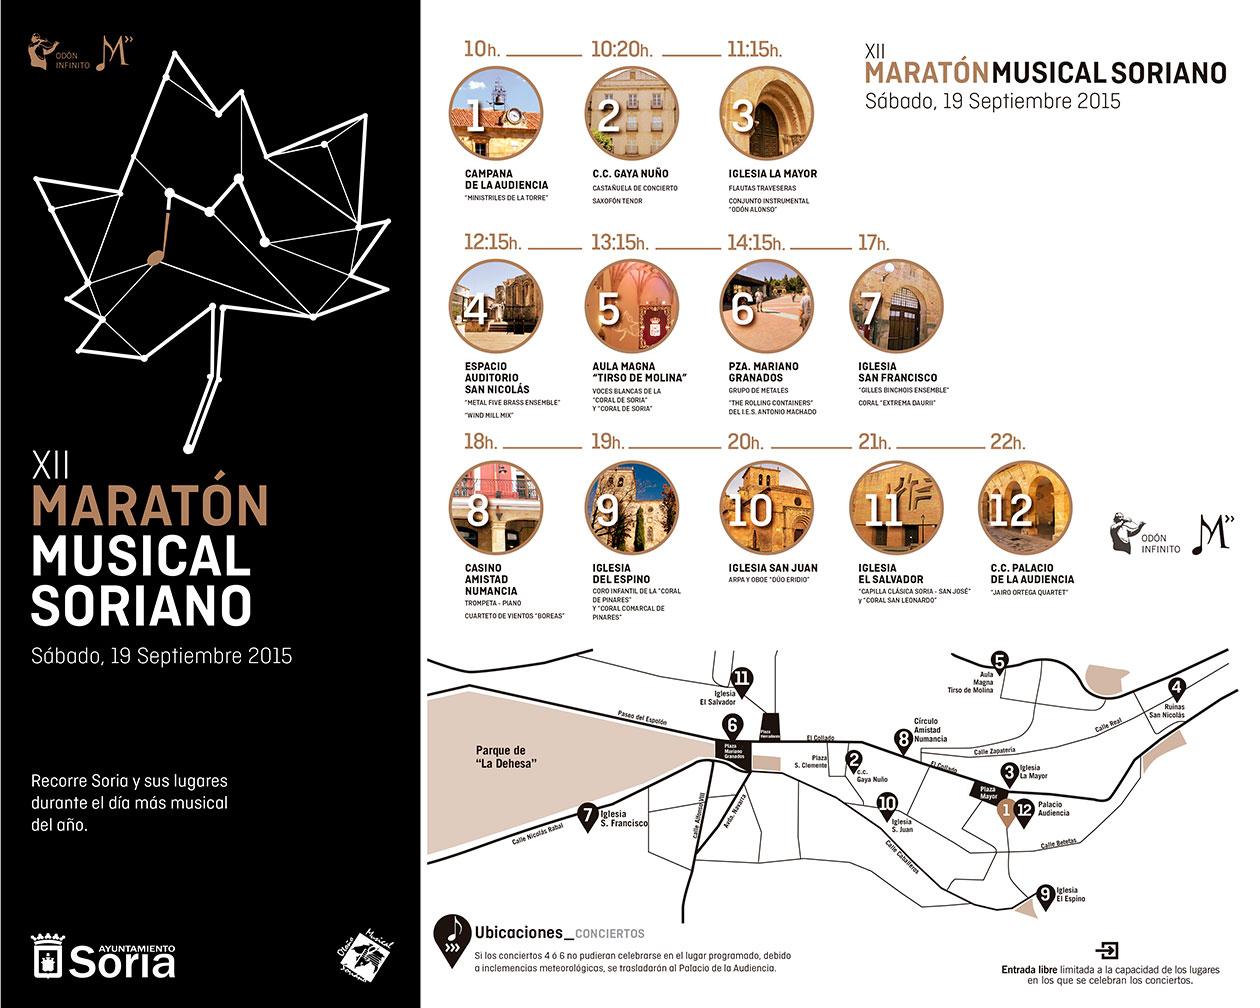 XII Maratón Musical Soriano